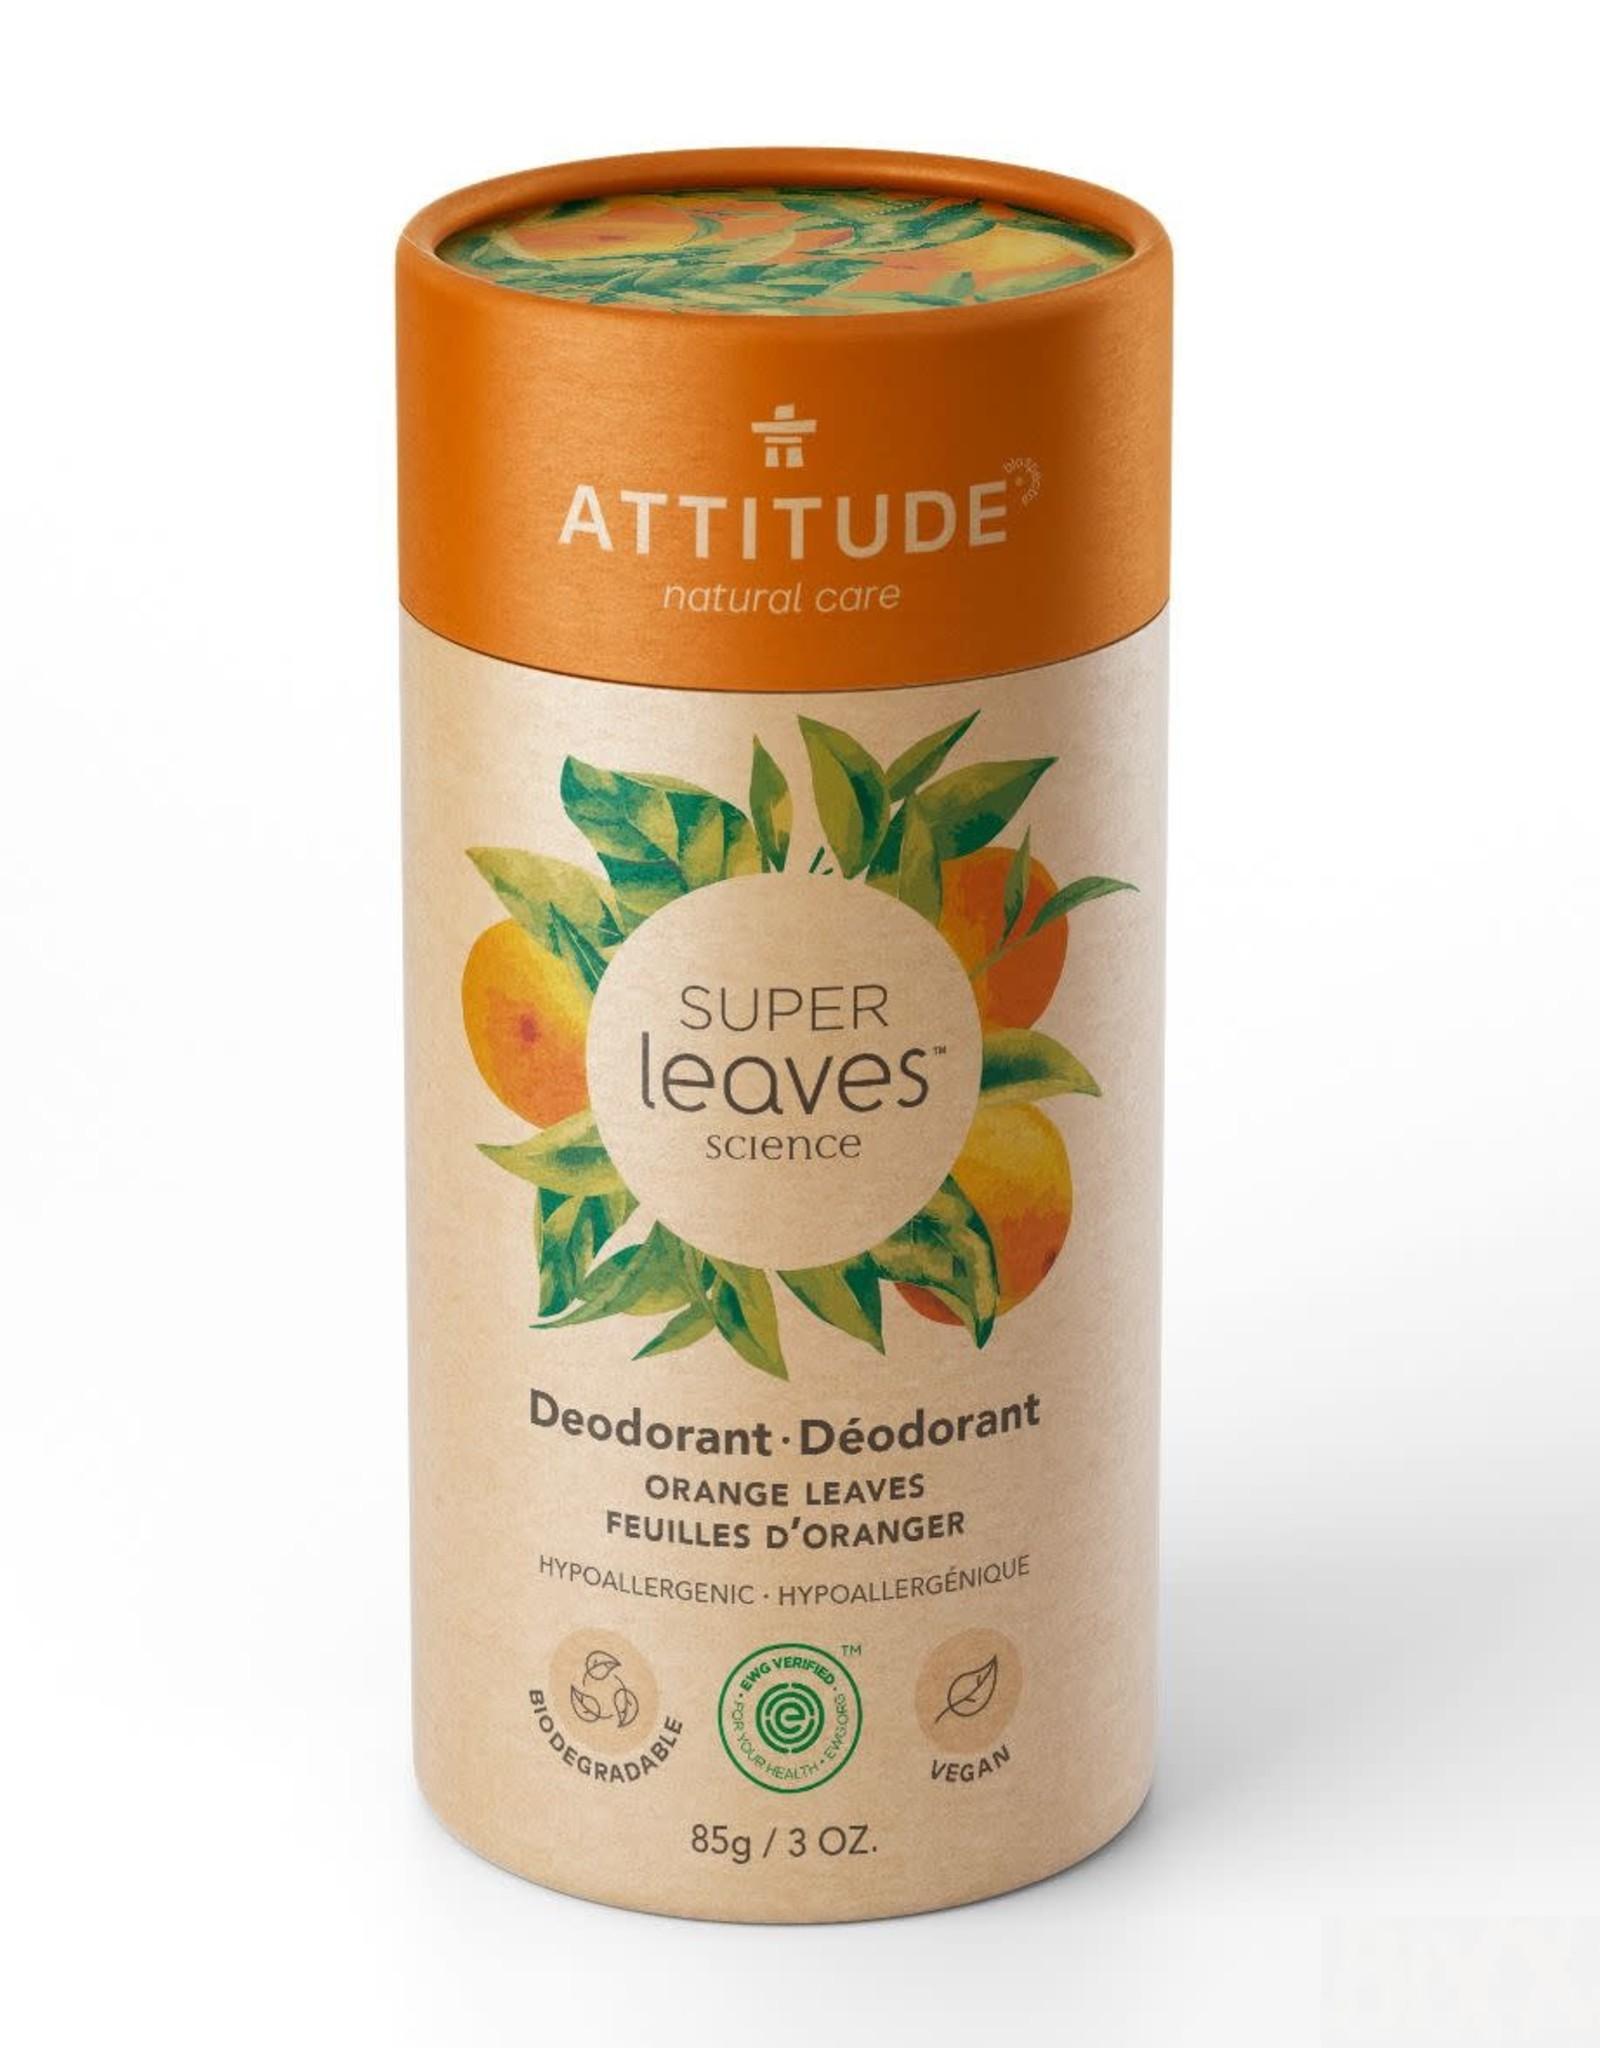 Attitude Super Leaves - Deodorant - Orange Leaves 85g